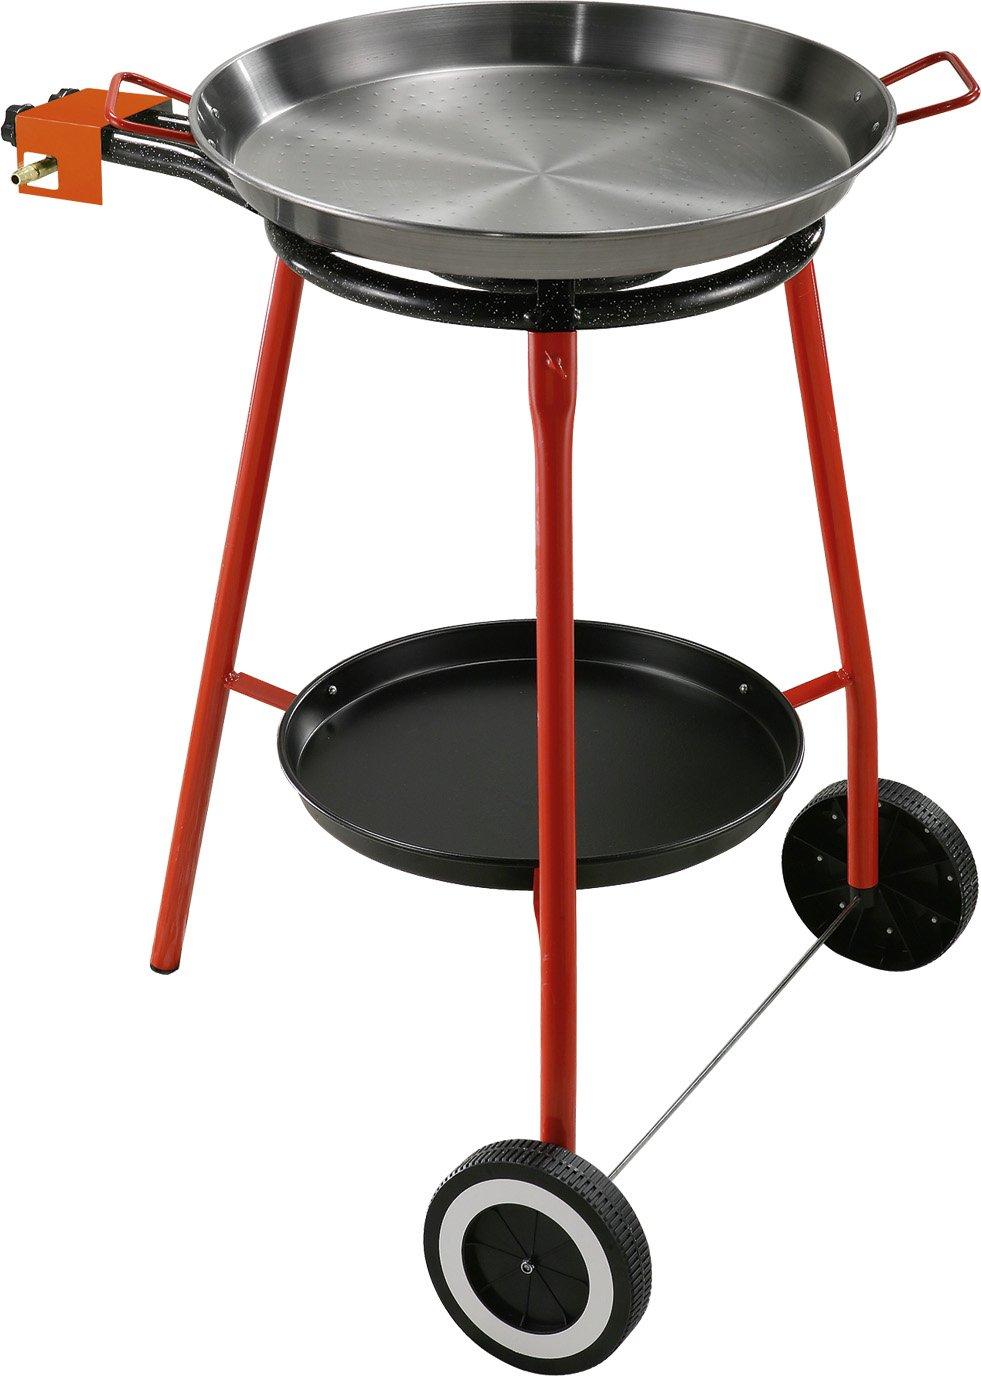 Kit für Paella, Komplett-Set für die Küche im Freien, besonders geeignet für die Zubereitung von Paella. Das Kit enthält: Gaskocher mit Gasversorgung (LPG) mit Zwei Brennern (unabhängig), Fuß aus Stahl lackiert mit drei Füßen, Pfanne aus Eisen Kit für